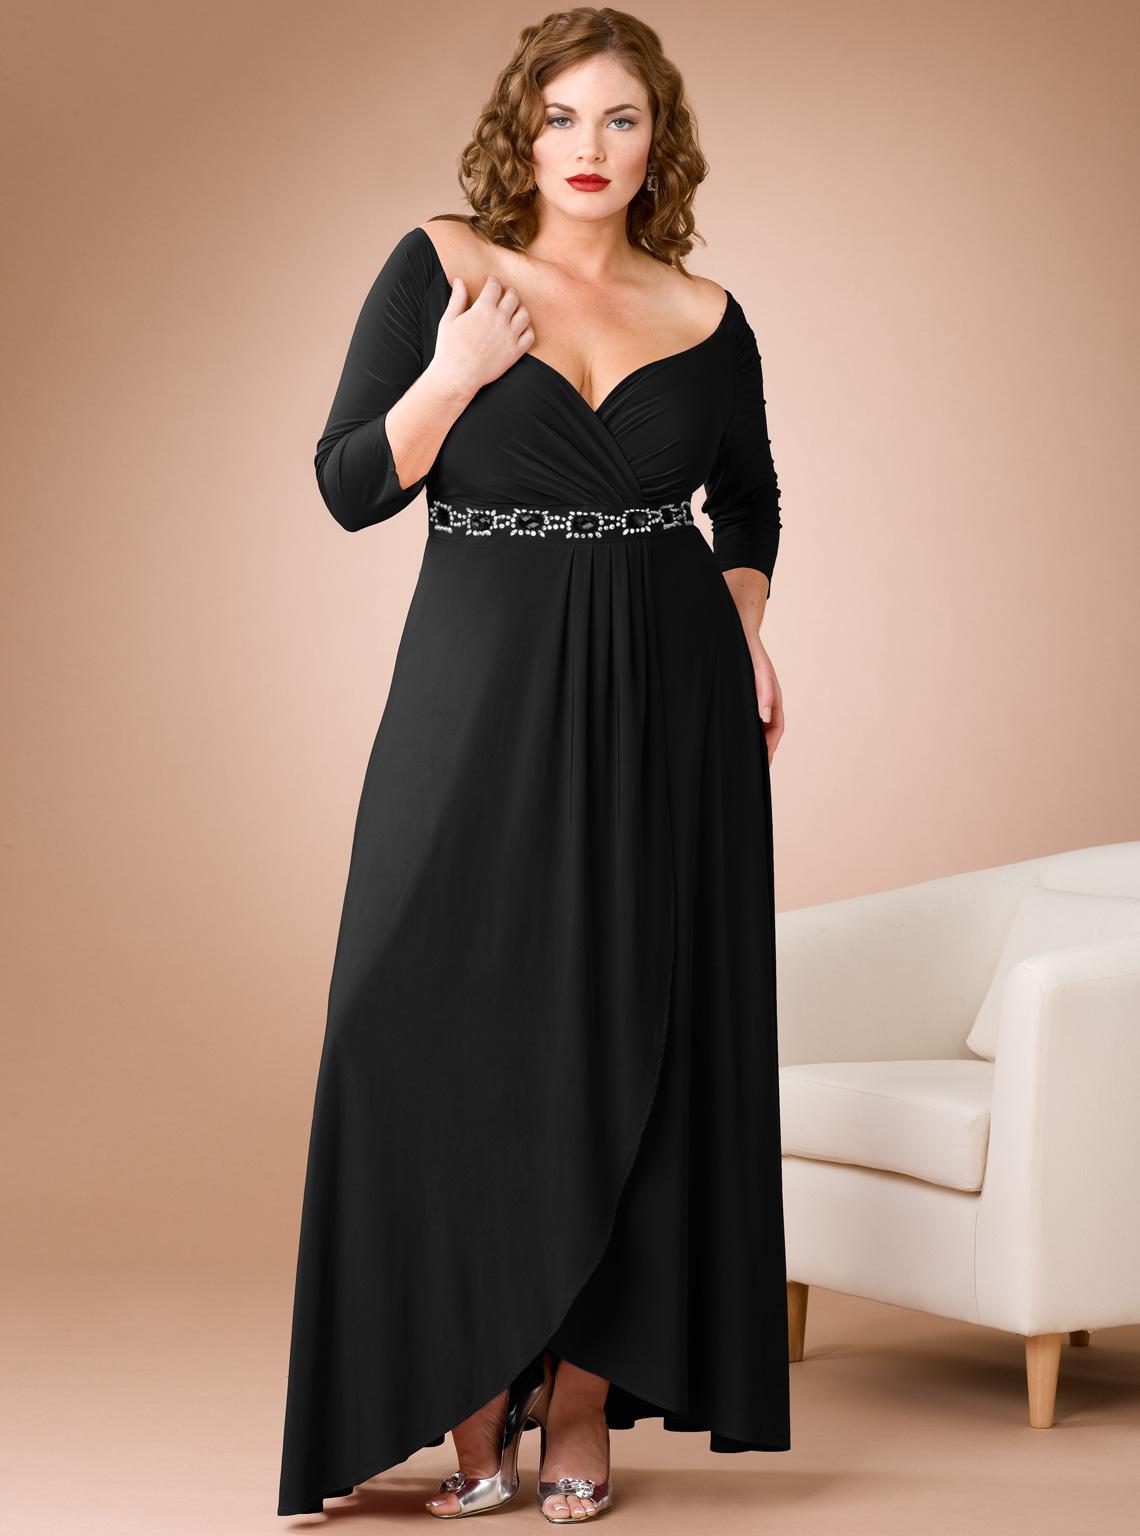 plus size formal dresses dressed up girl. Black Bedroom Furniture Sets. Home Design Ideas